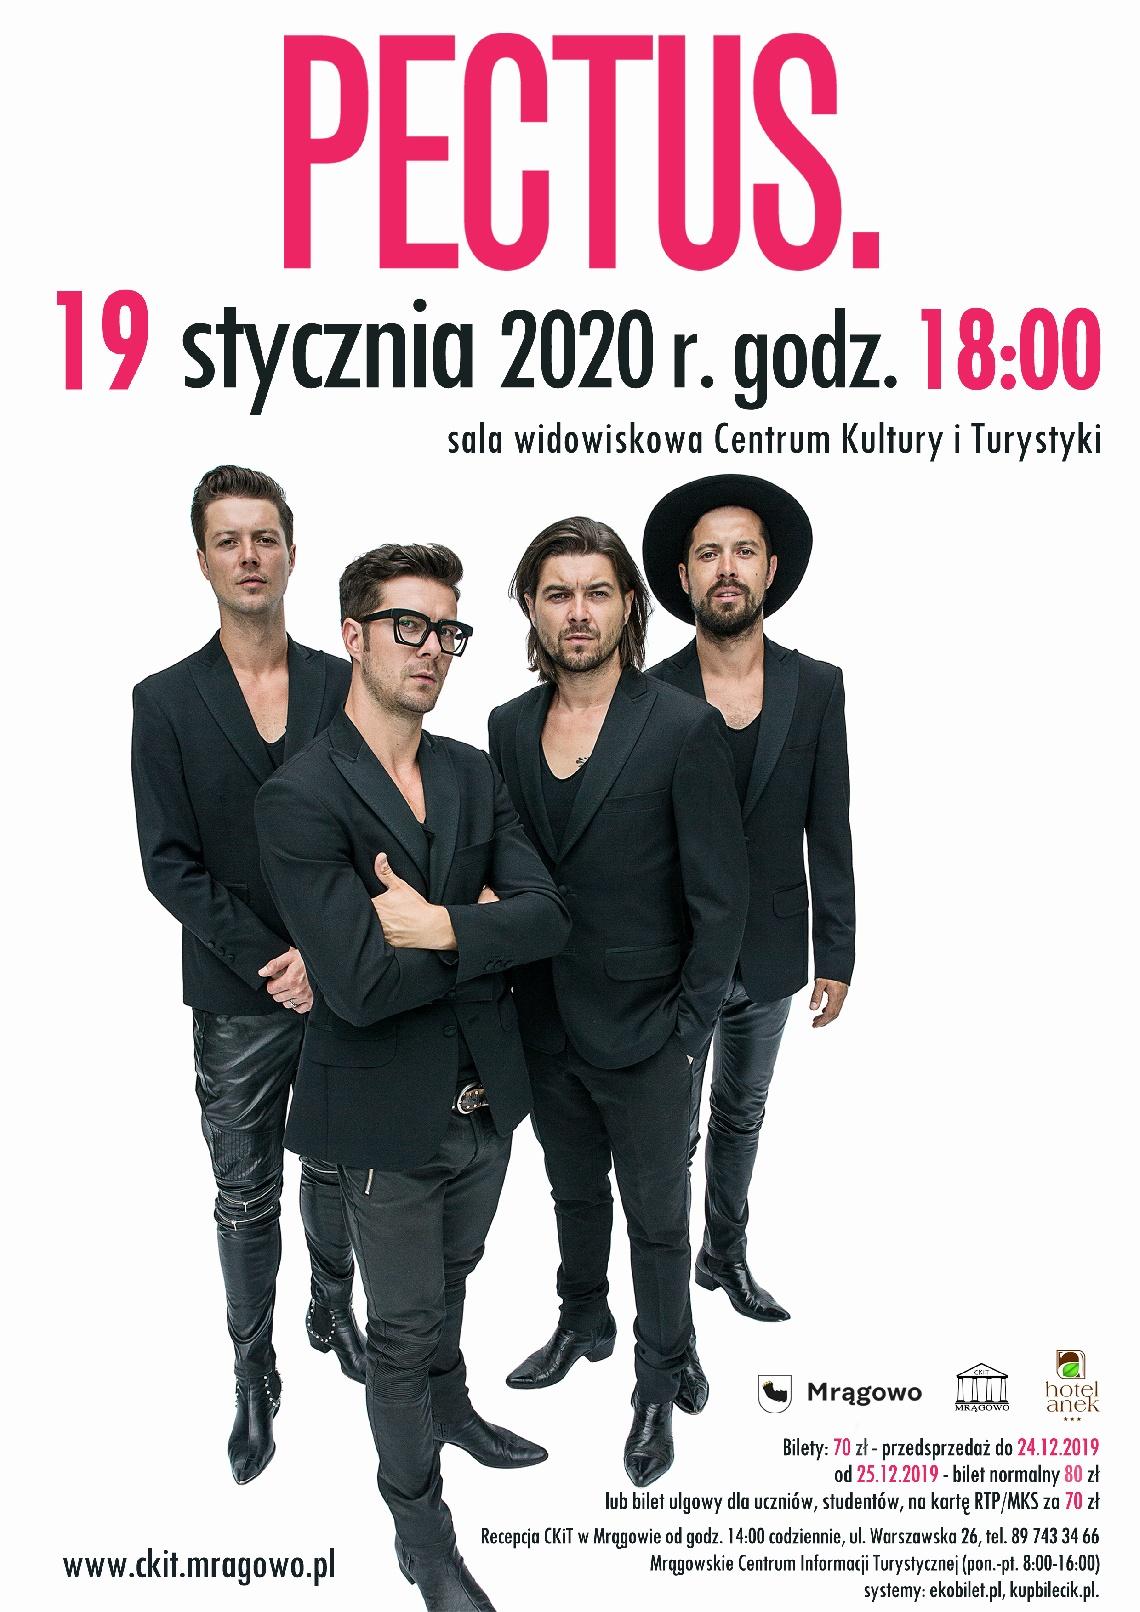 PECTUS koncert kolędowo-noworoczny!